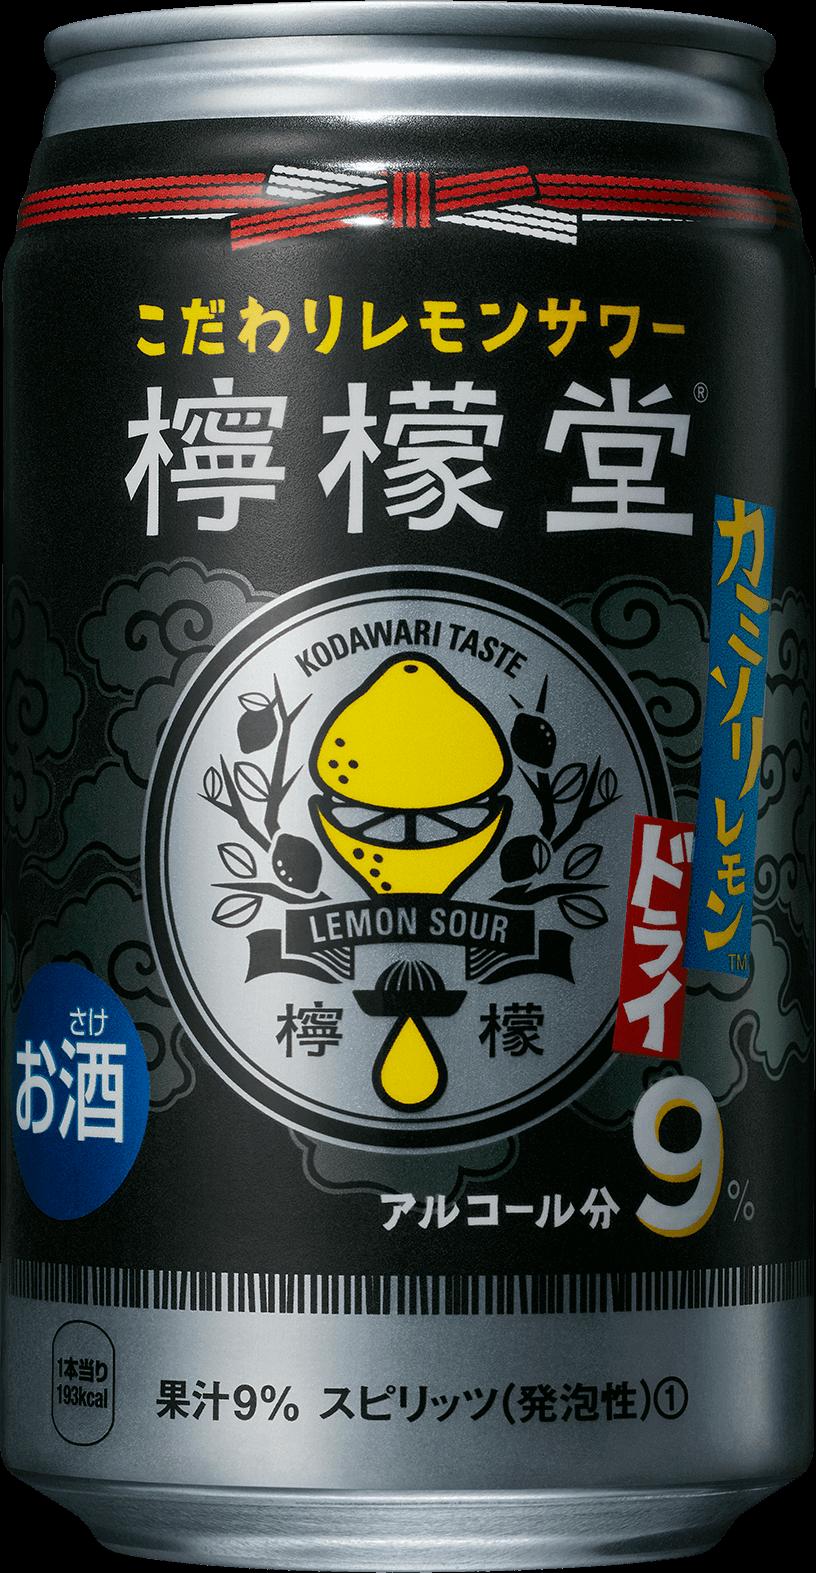 『檸檬堂 カミソリレモン』